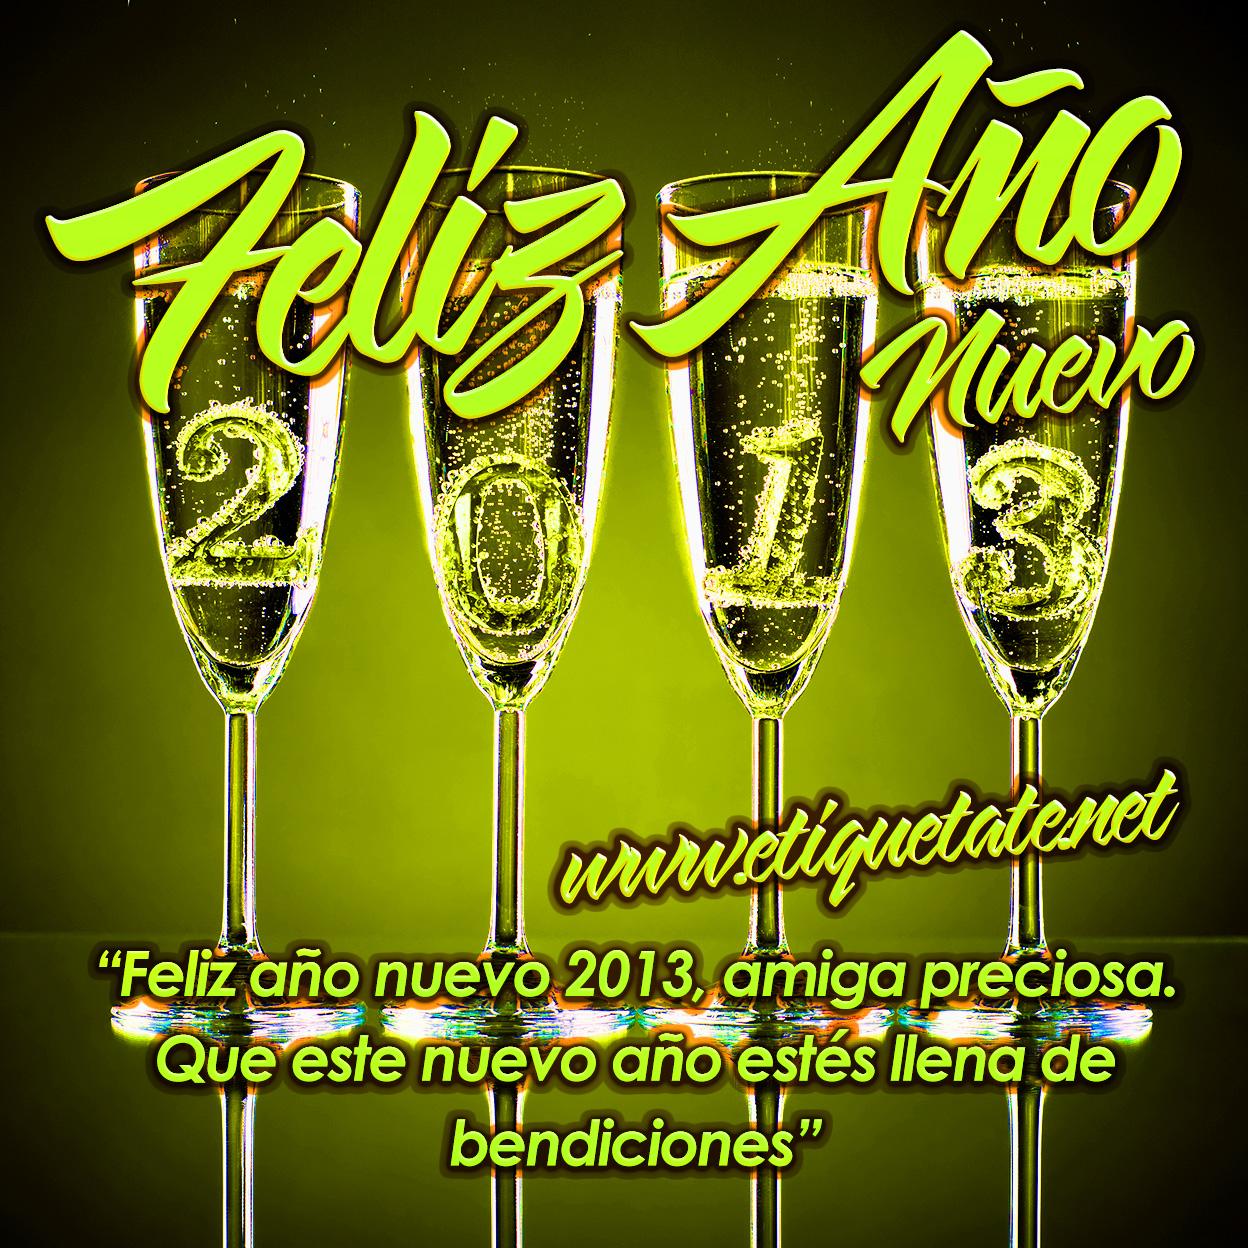 Imágenes Para Badoo De Año Nuevo 2013